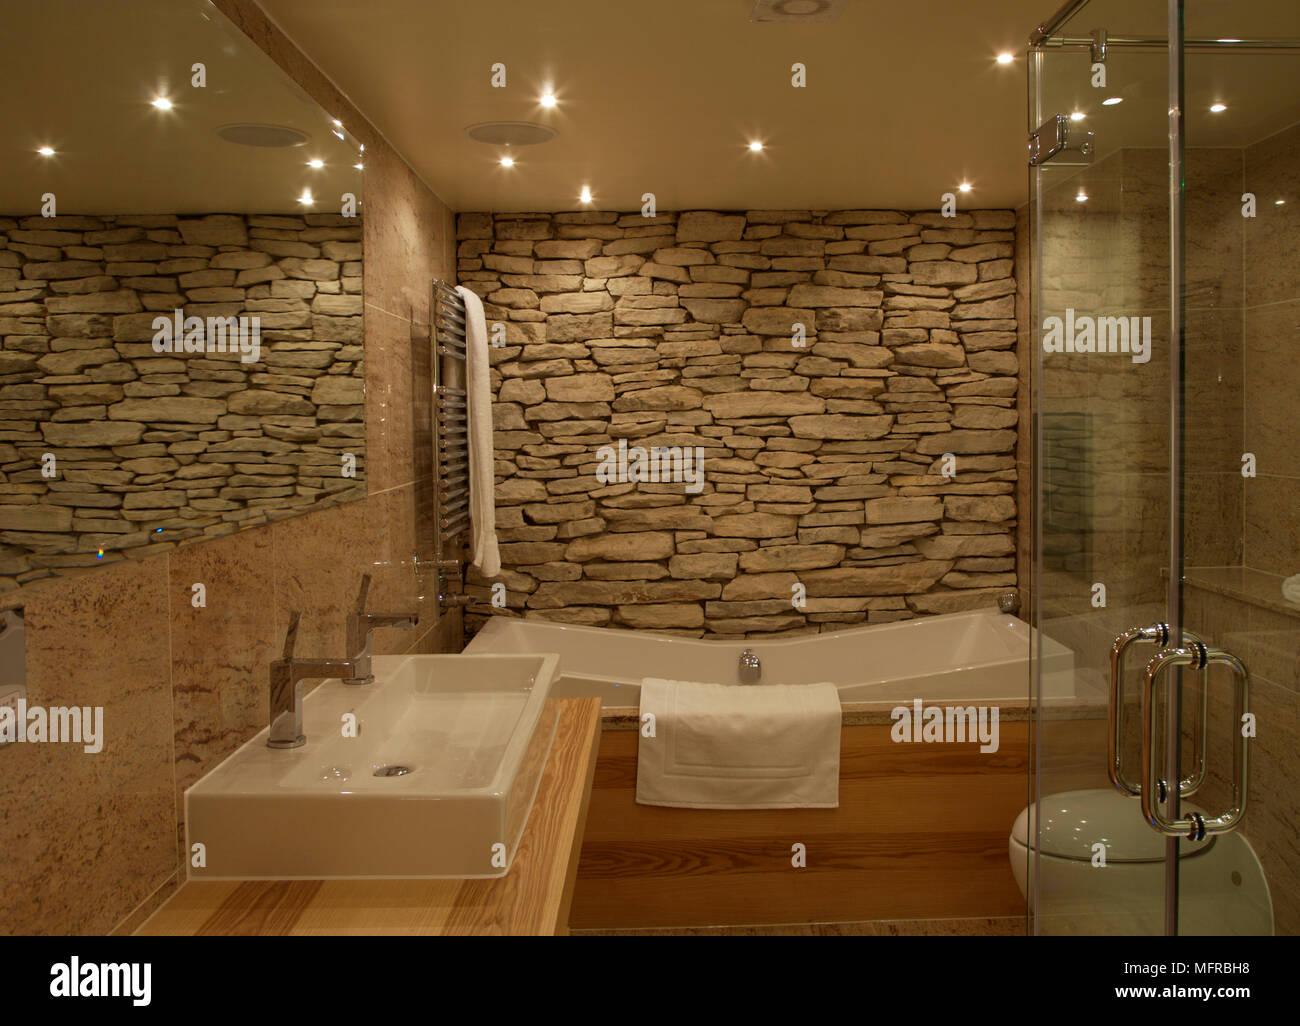 Bad mit Naturstein Wand- und bloßen Holz Einheiten Stockfotografie